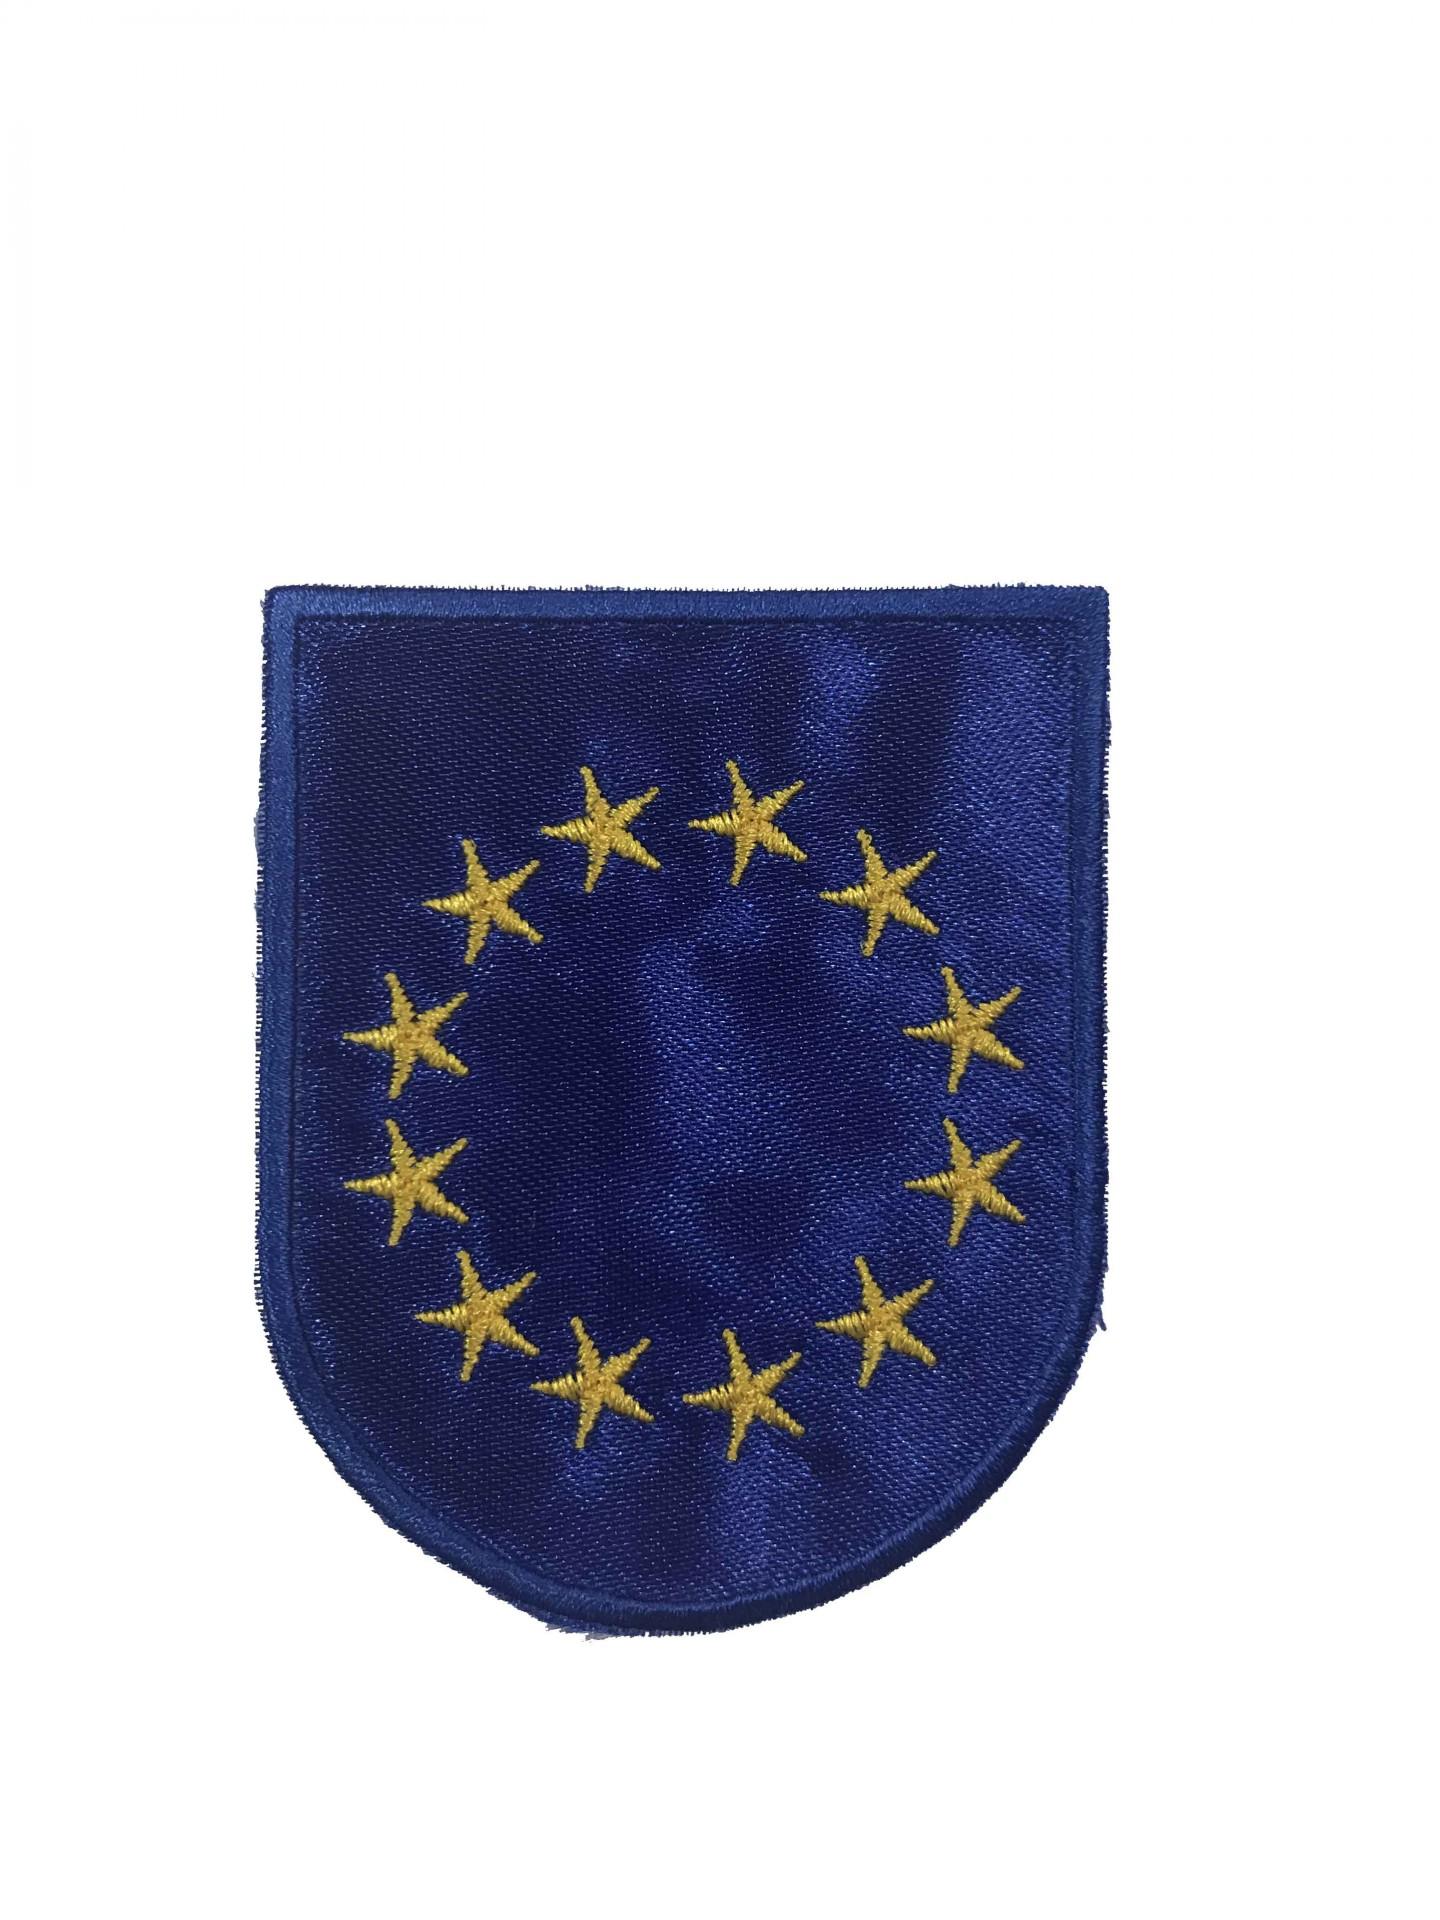 Emblema União Europeia